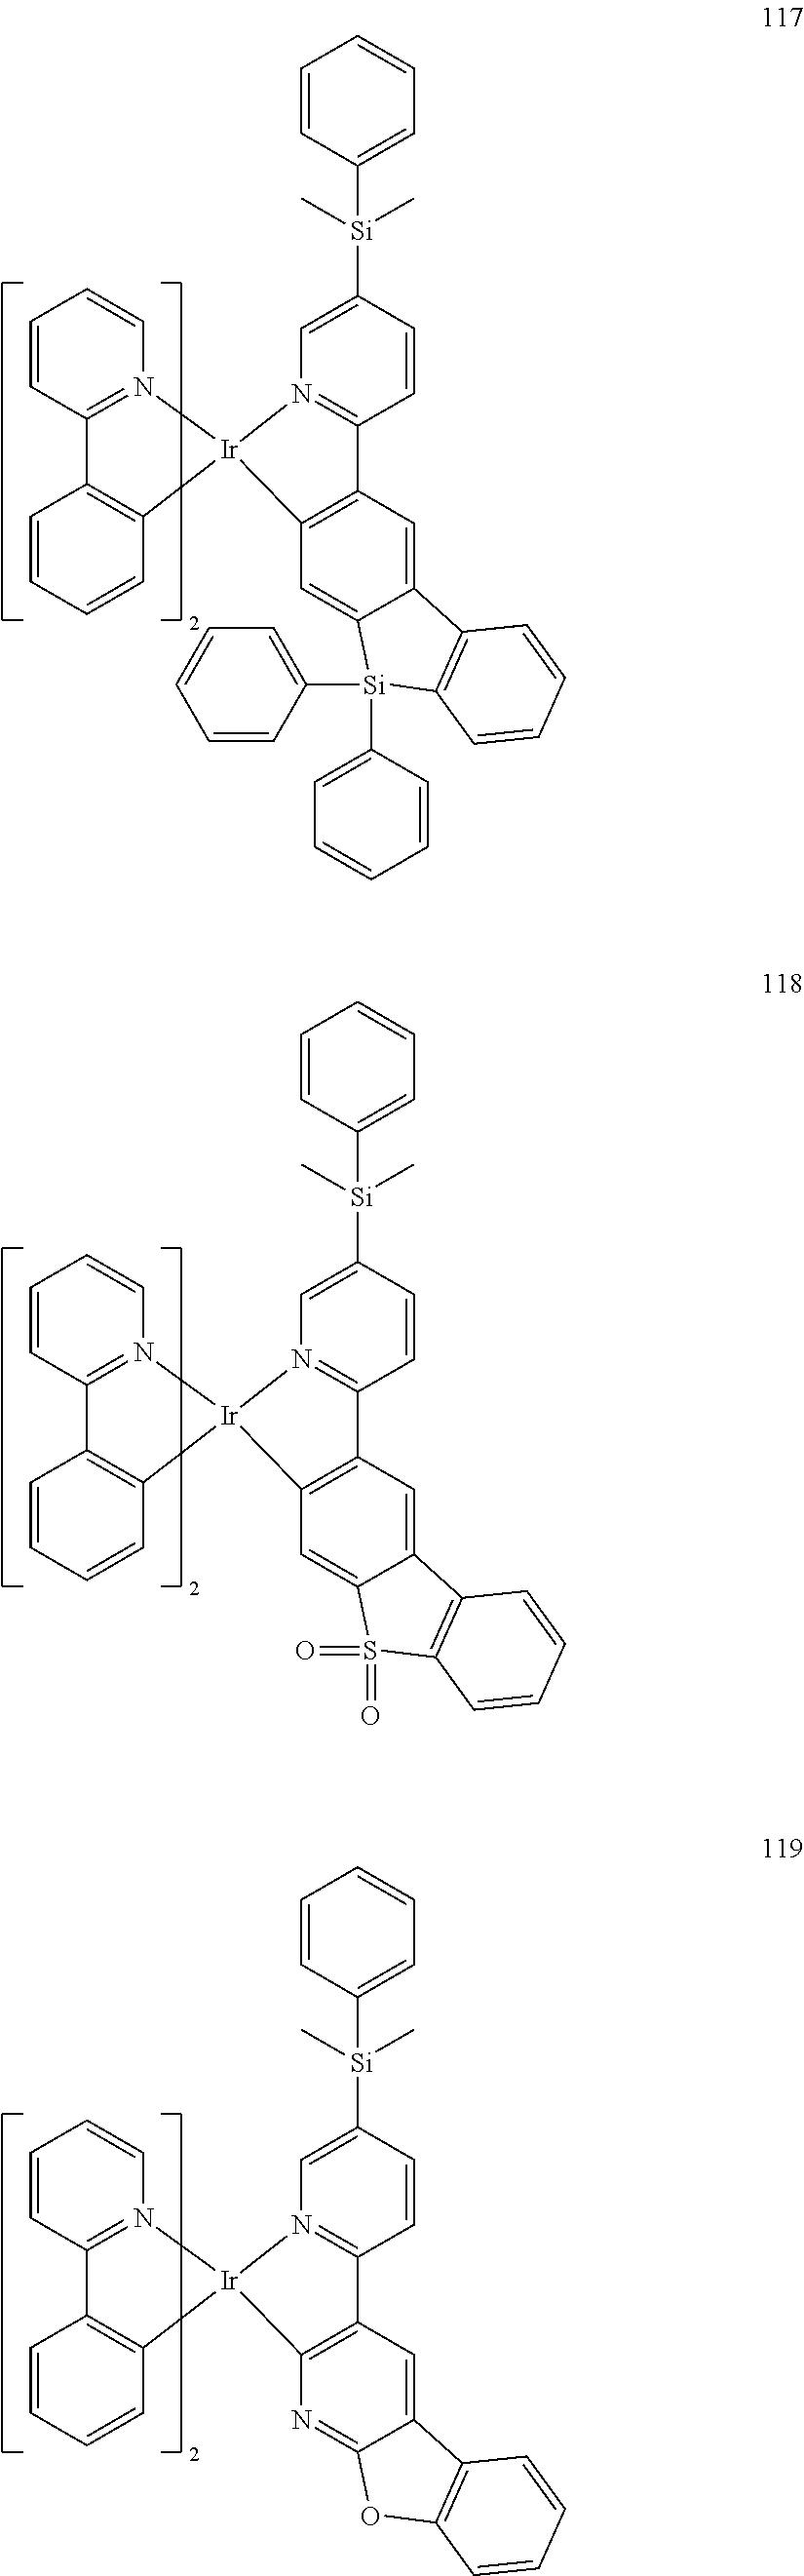 Figure US20160155962A1-20160602-C00363